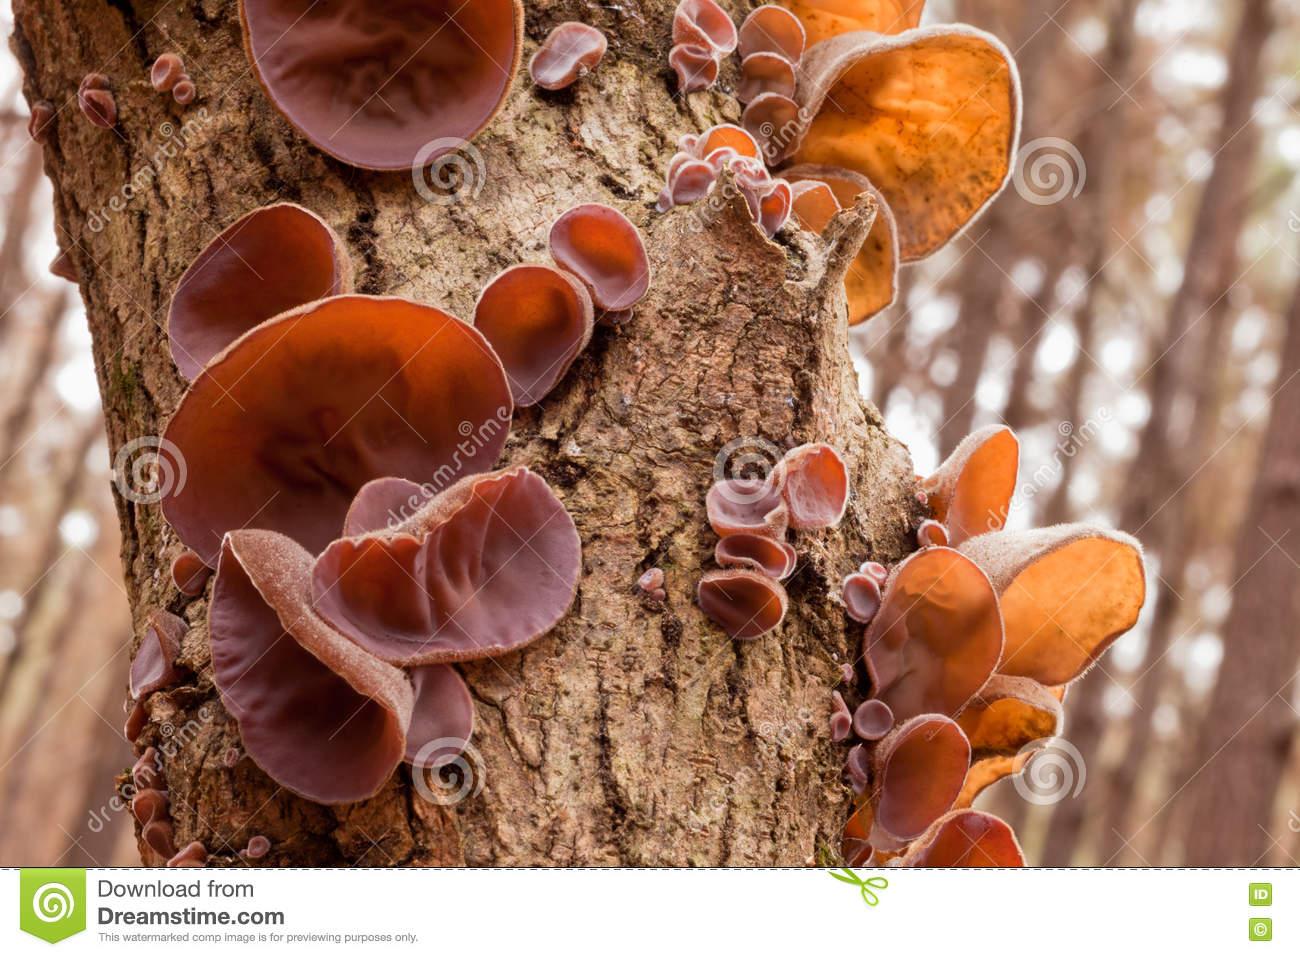 Tasty Jews Ear Fungus Auricularia Auricula.